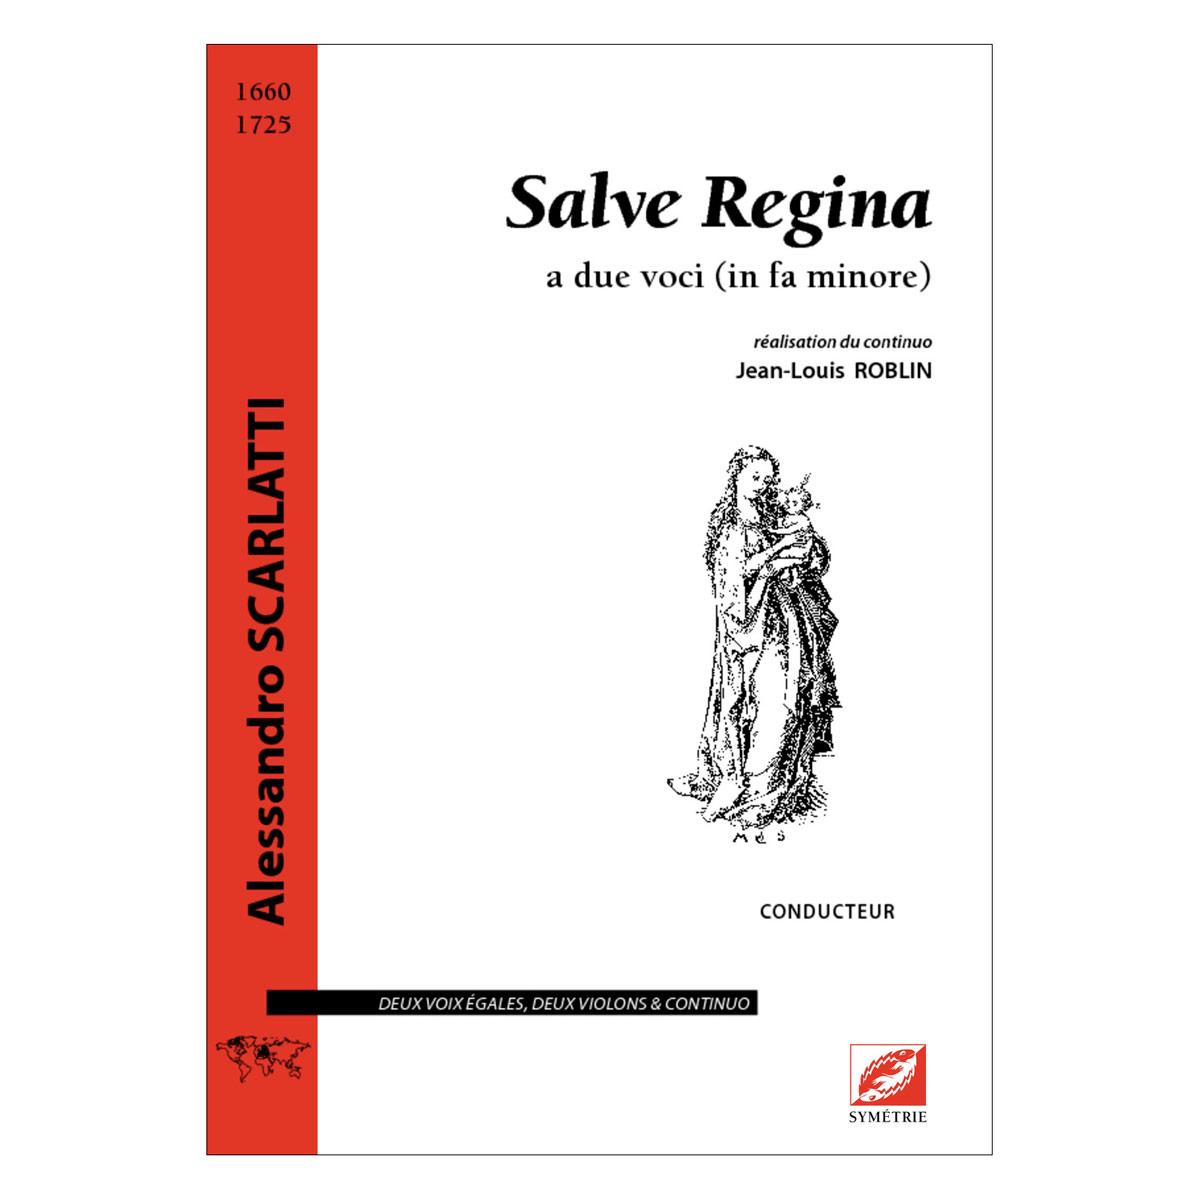 Scarlatti A. - Salve Regina, A Due Voci (in Fa Minore) - Musique De Chambre